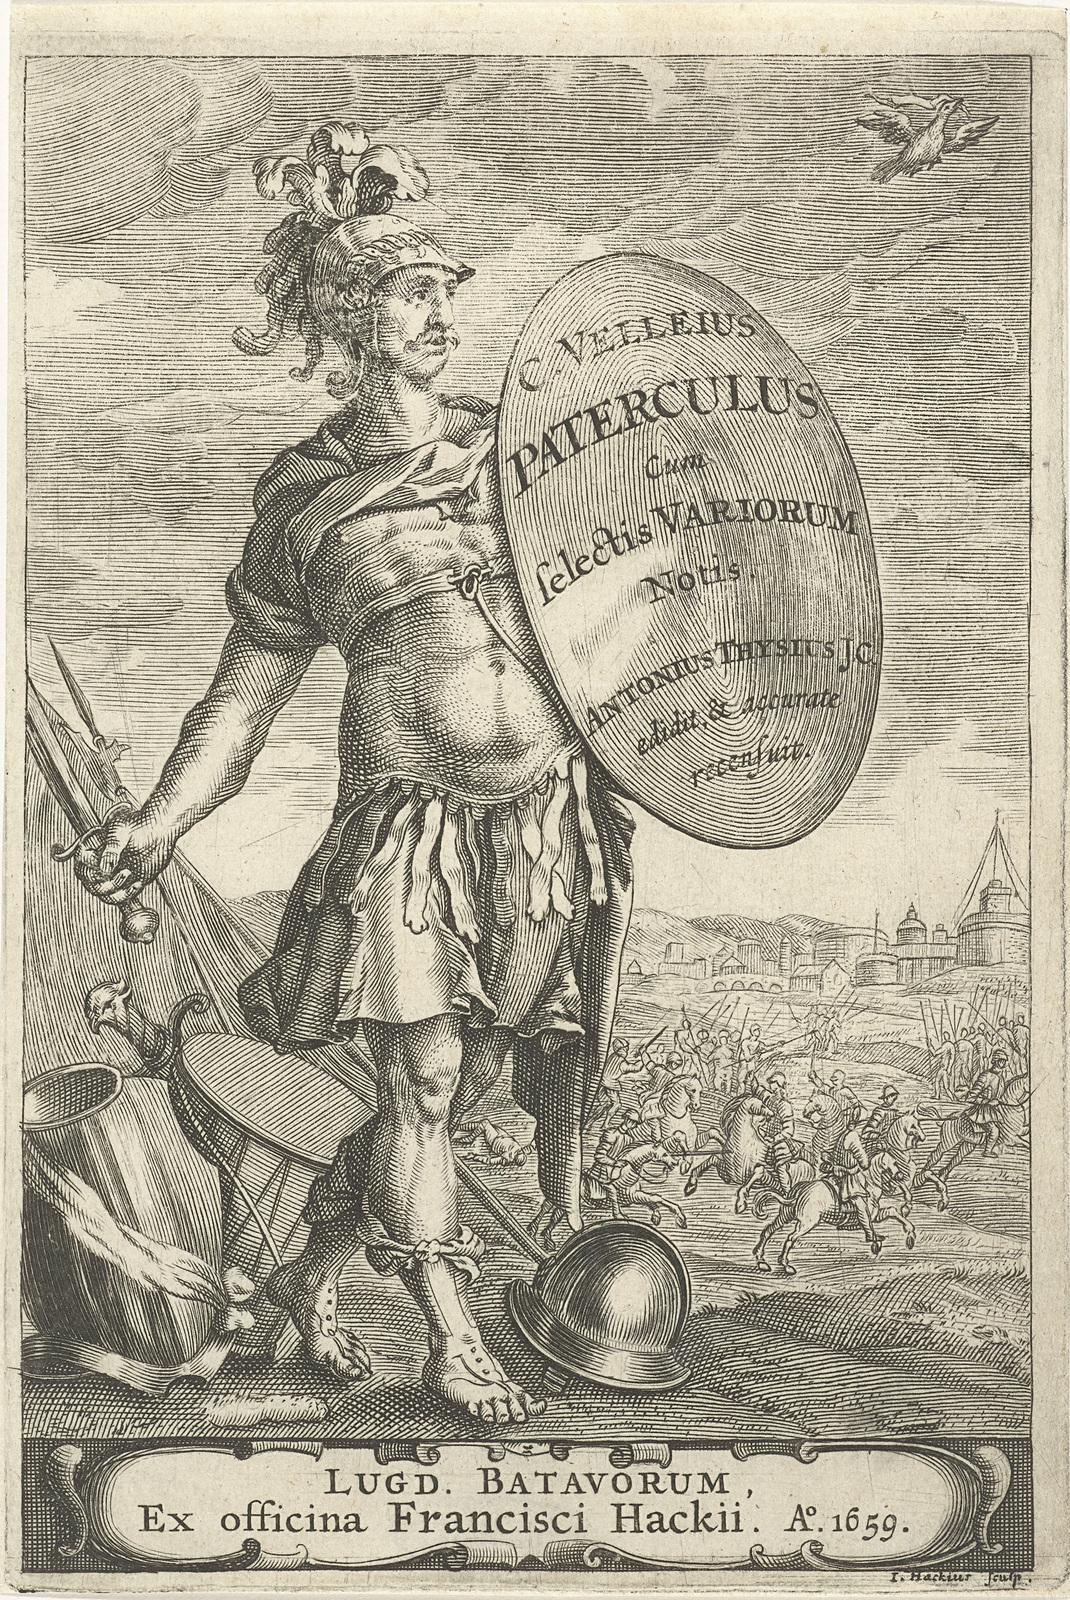 Romeinse krijgsman voor een slagveld